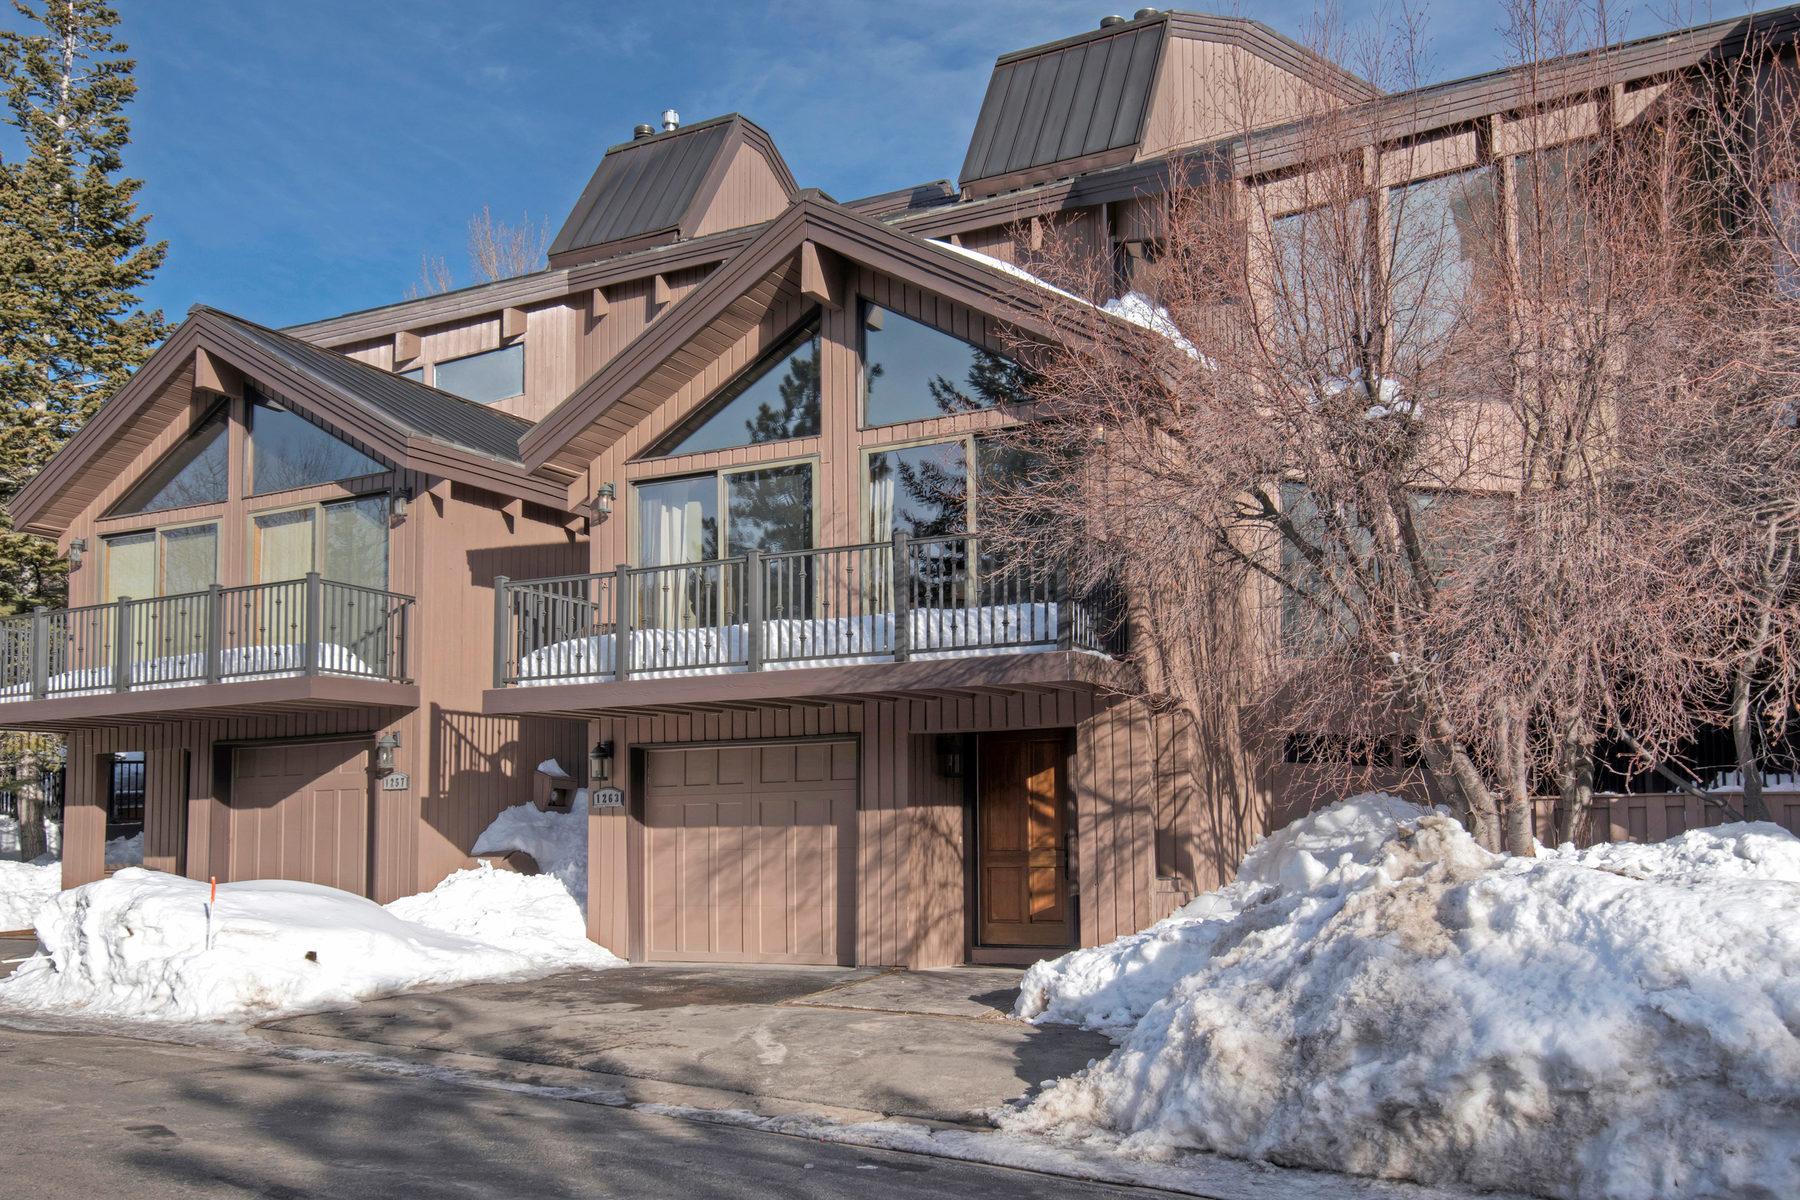 Таунхаус для того Продажа на BEST BUY Lower Deer Valley Four Bedroom Pinnacle-Ski Run Views 1263 Pinnacle Ct Park City, Юта, 84060 Соединенные Штаты